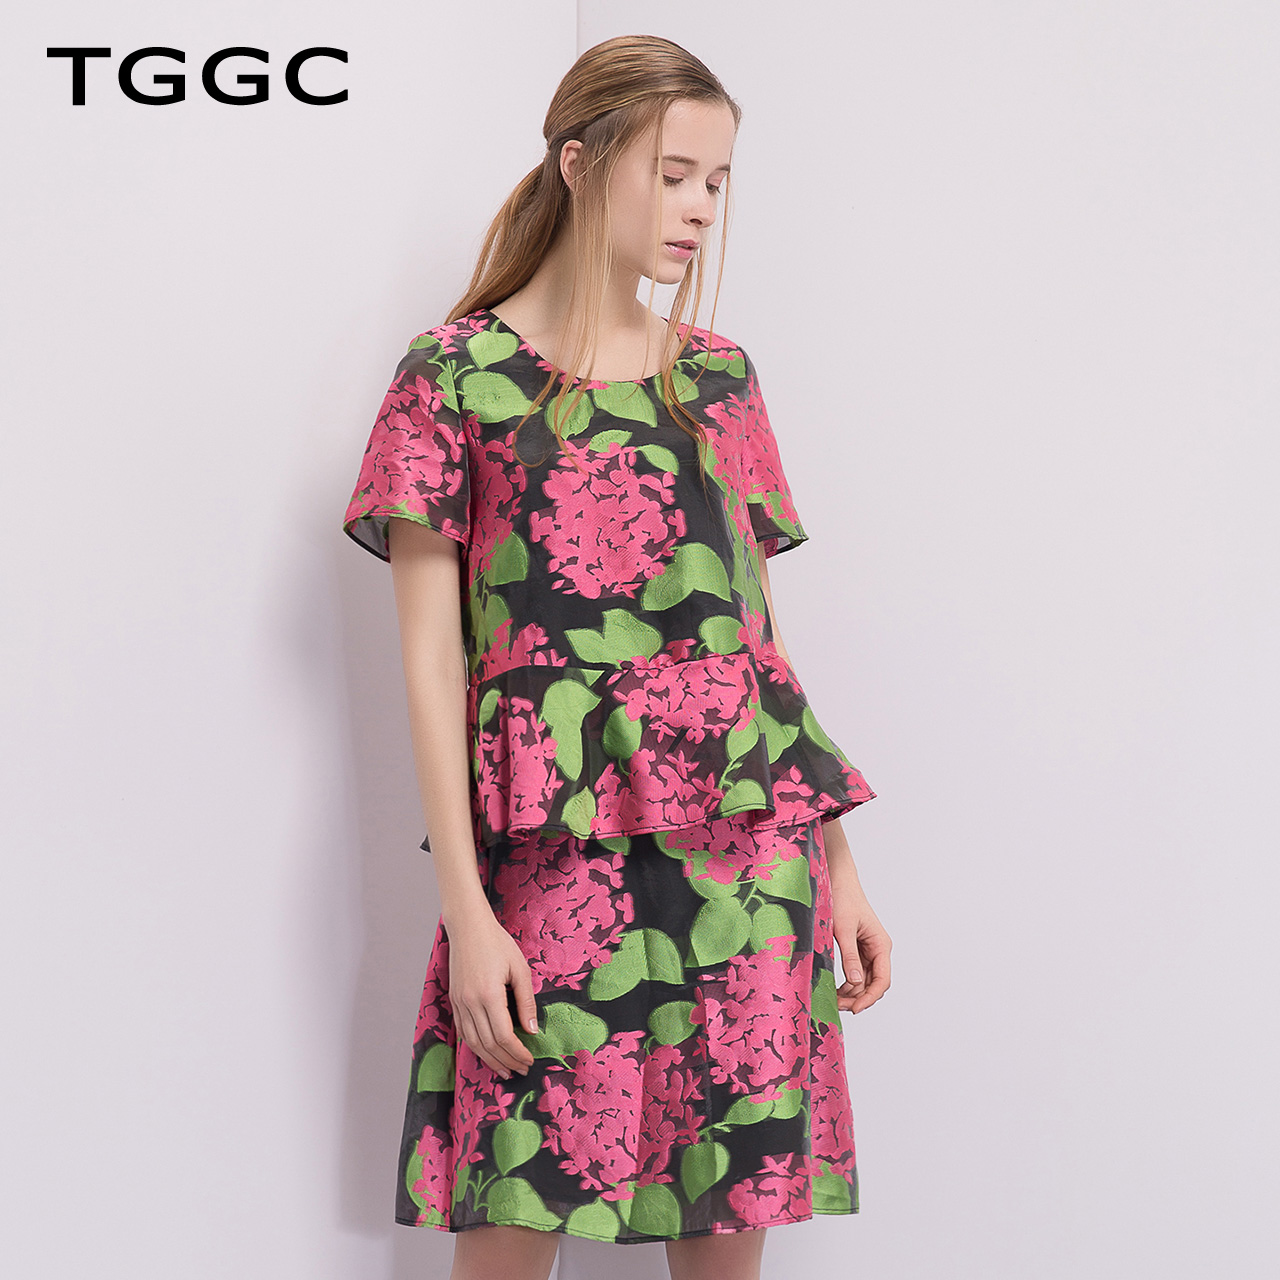 TGGC 2018夏装 时尚OL气质提花短袖高腰显瘦连衣裙女 F20636